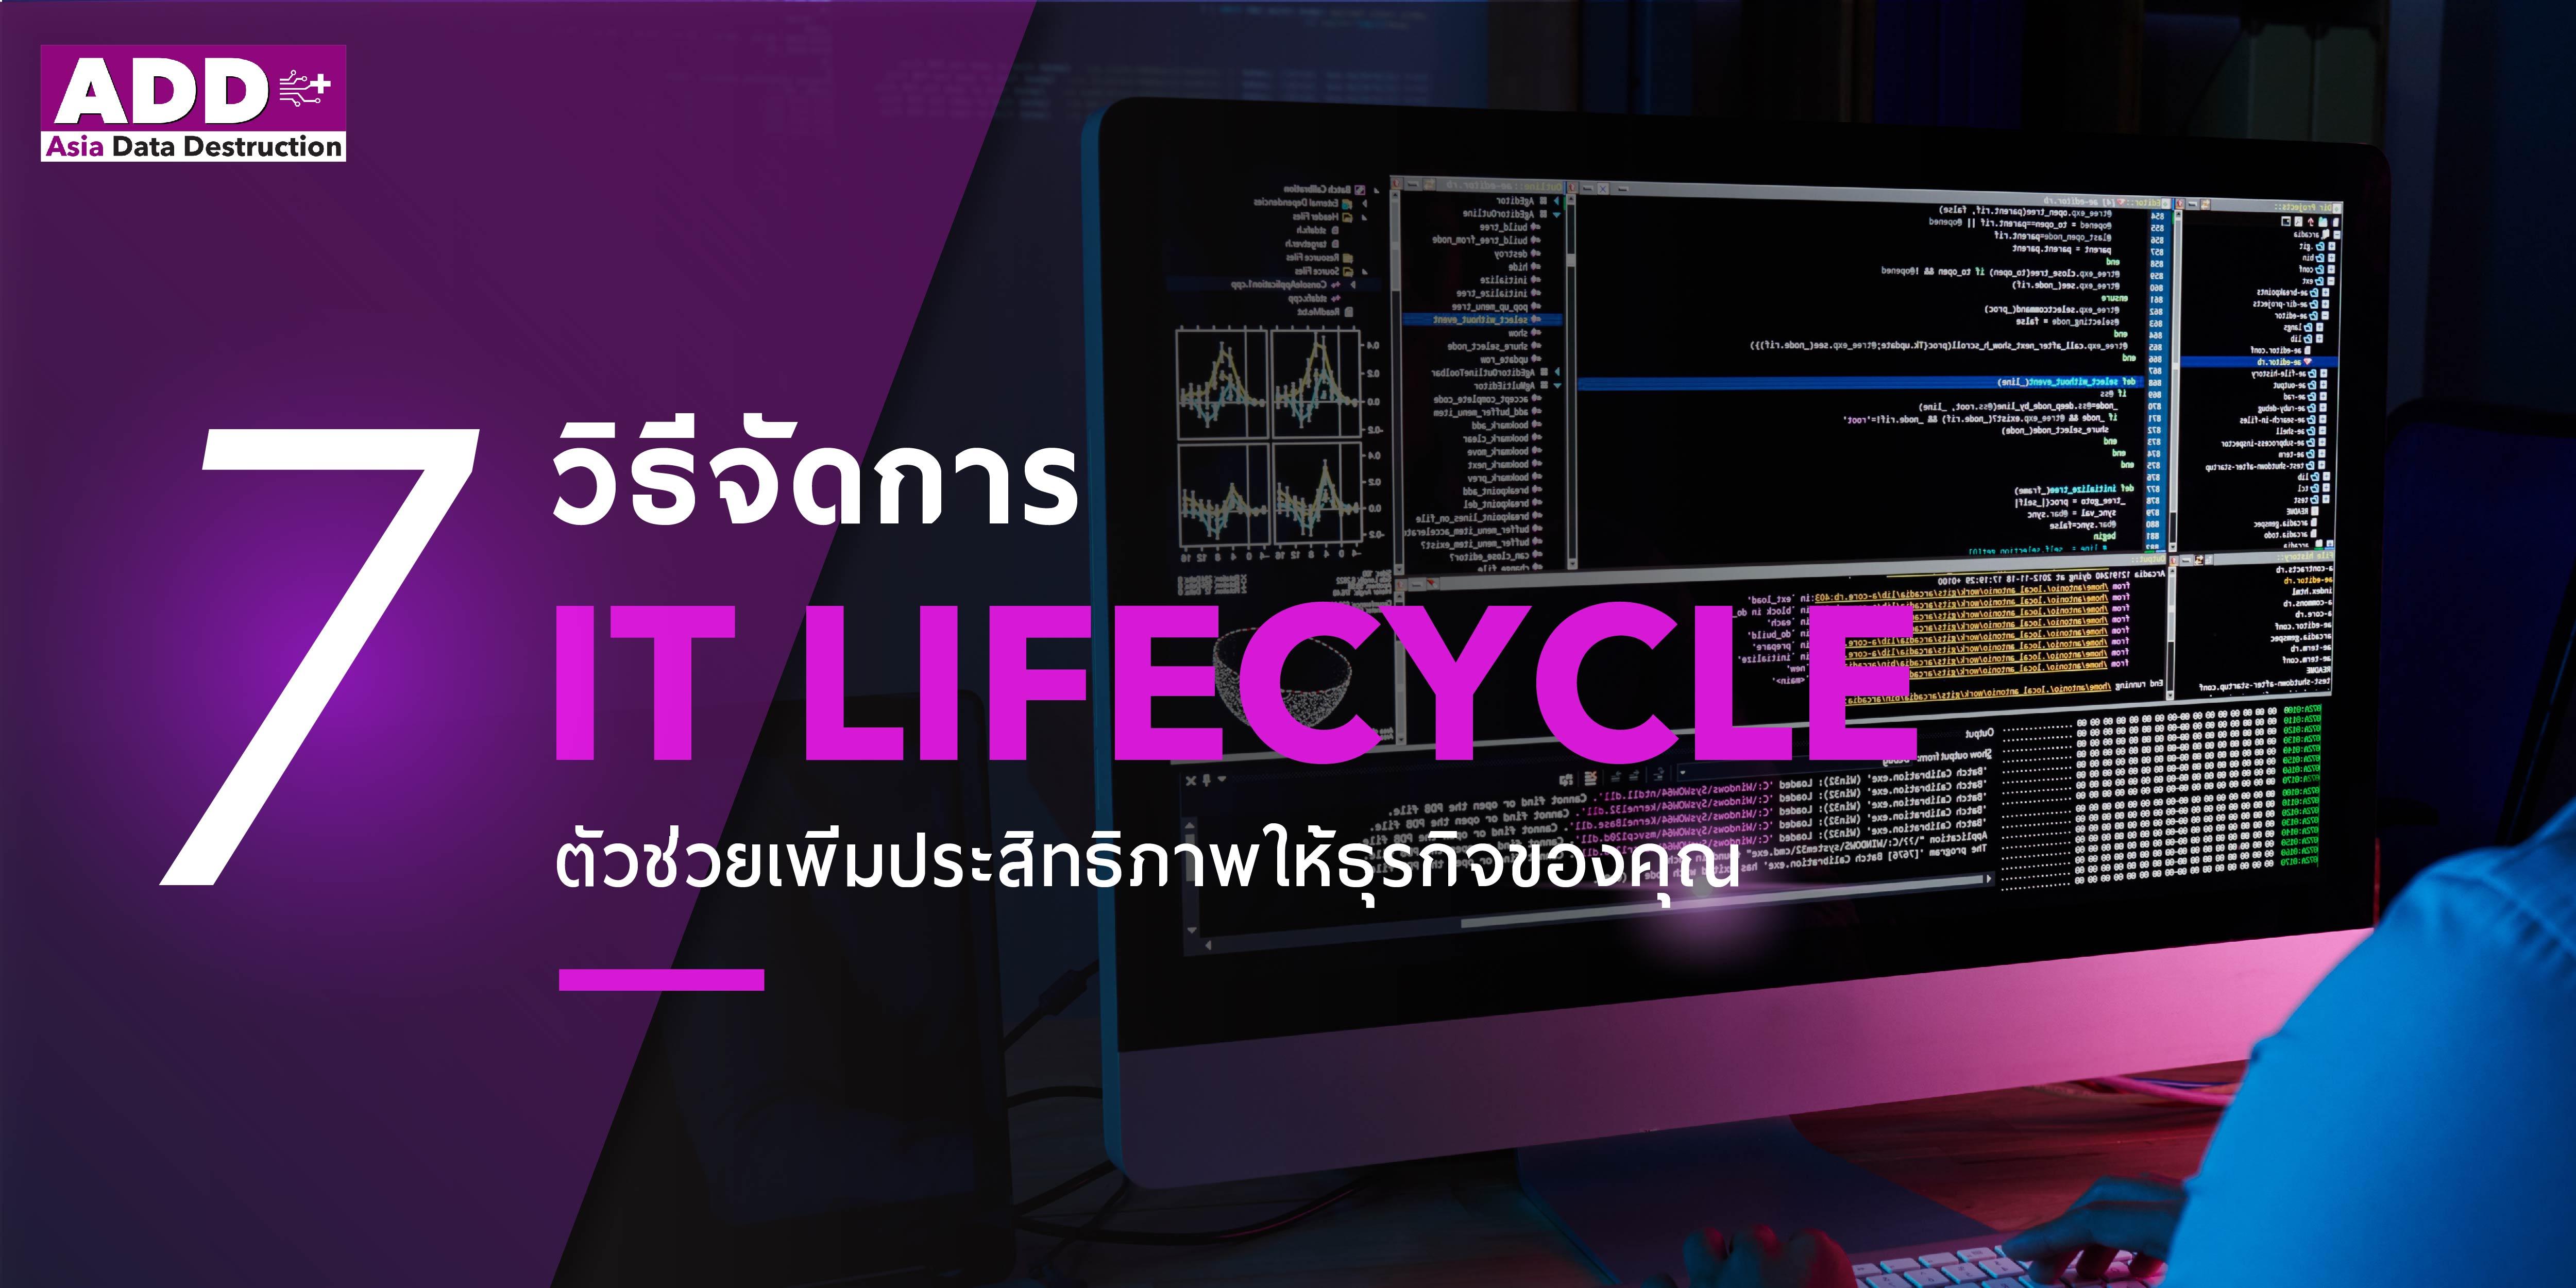 7 วิธีจัดการ IT Lifecycle เพื่อช่วยเสริมสร้างธุรกิจ 1